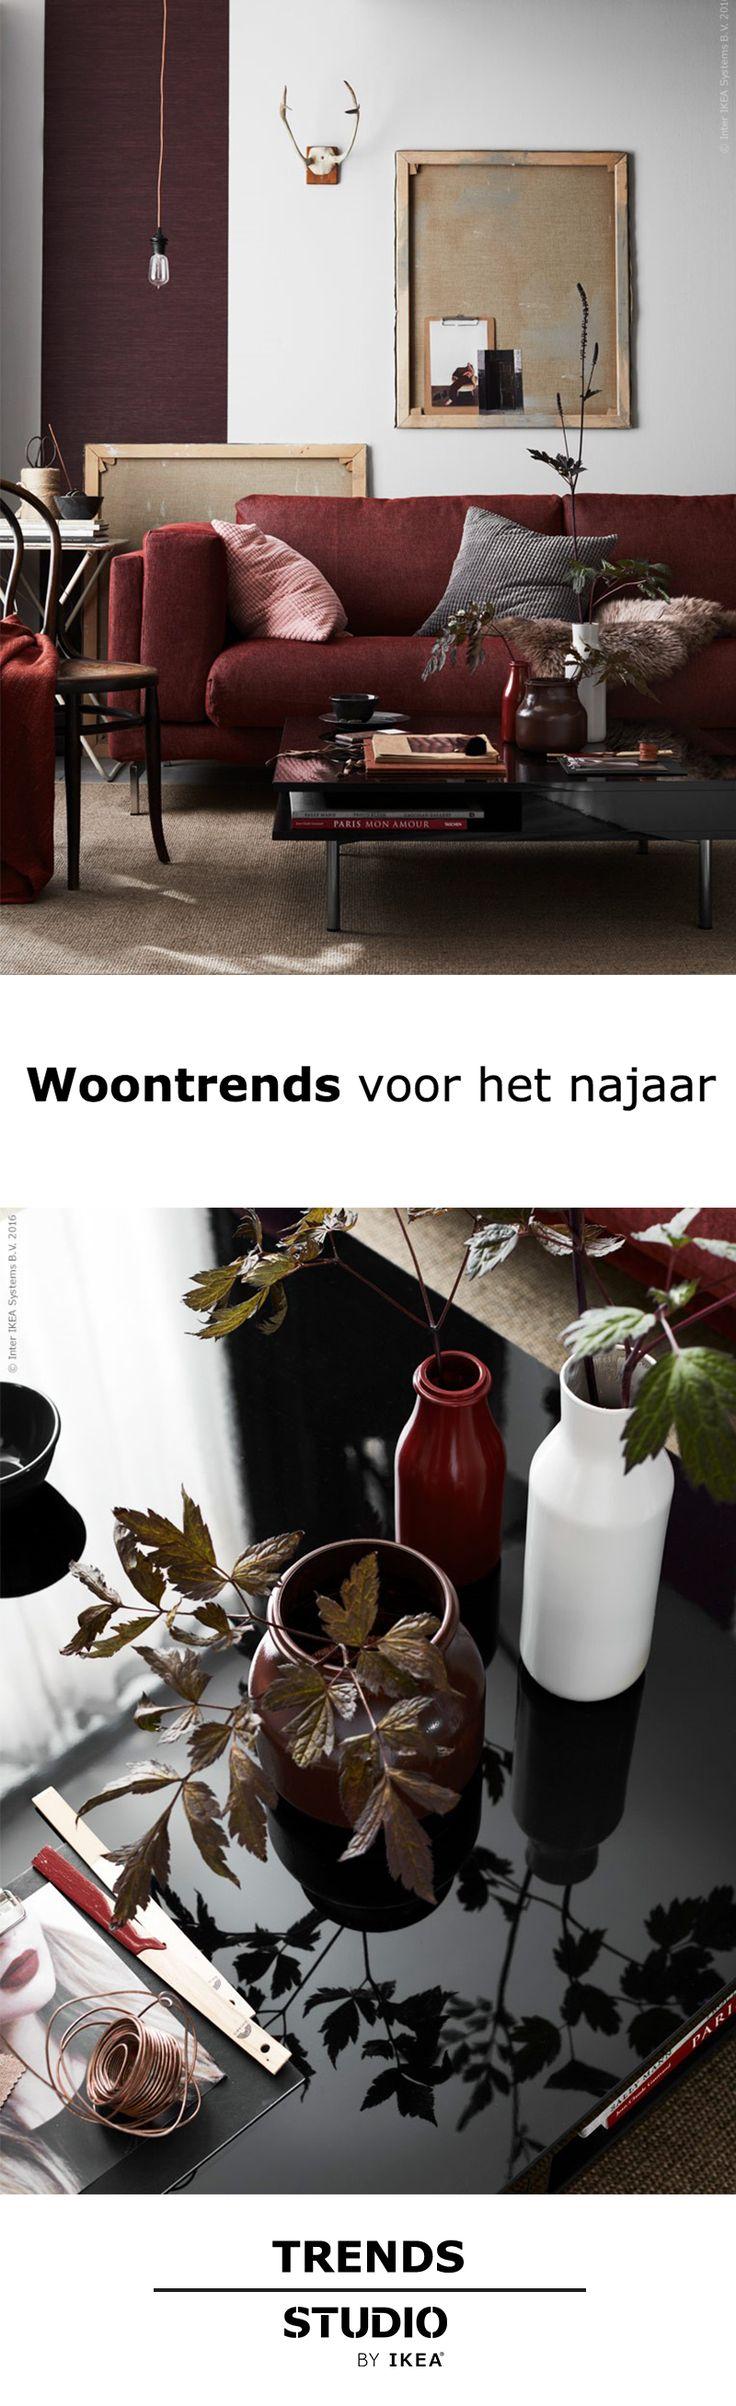 STUDIO by IKEA - Woontrends voor het najaar | IKEA IKEAnl IKEAnederland wooninspiratie inspiratie trend styling interieur kleur rood bruin oranje roze groen herfst winter